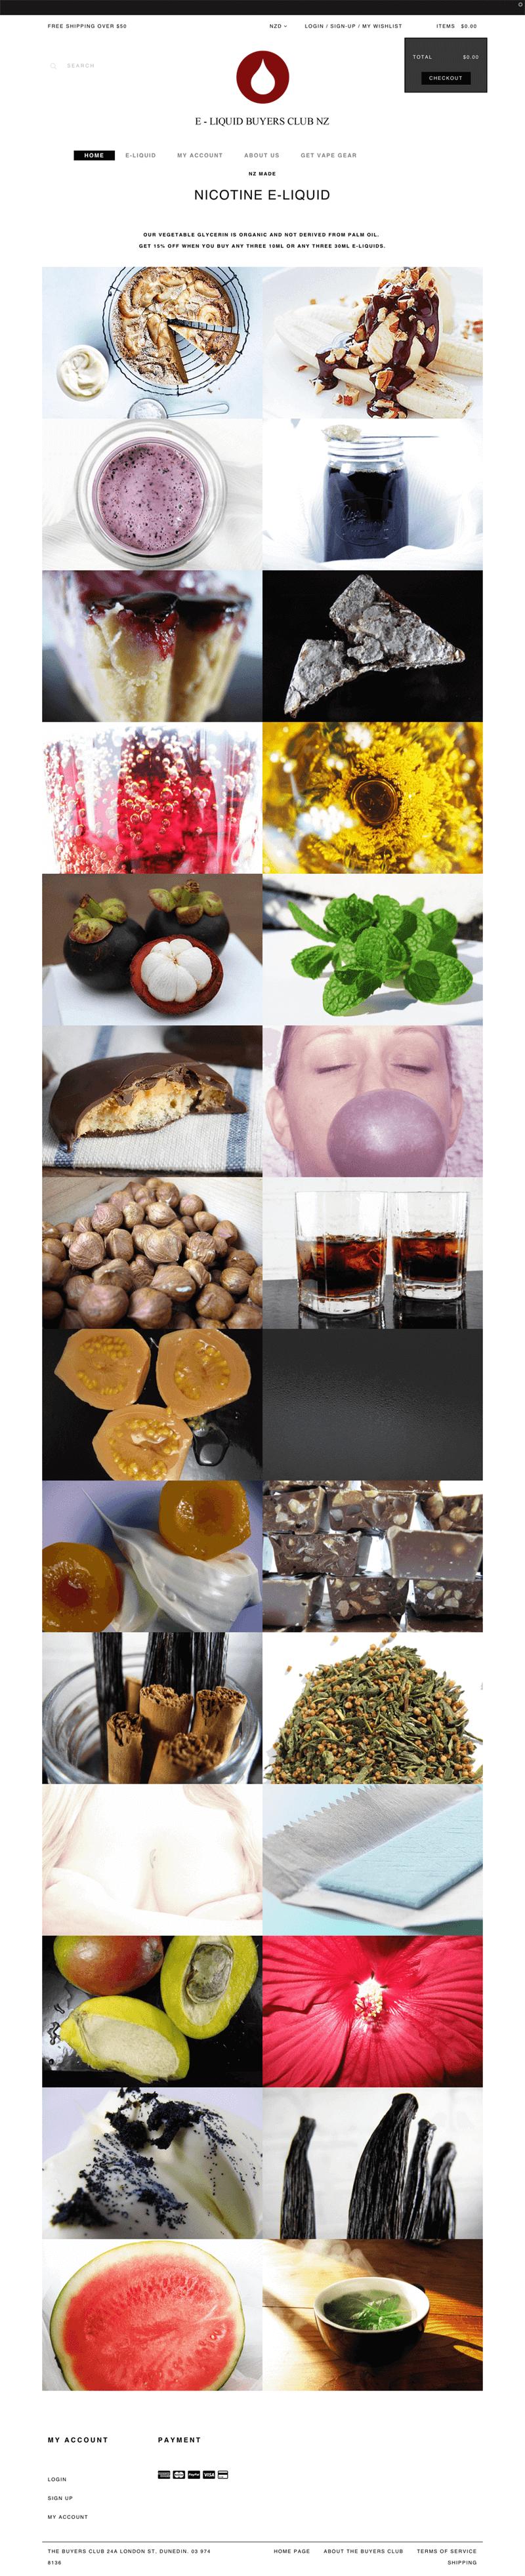 E liquids NZ   E Juice   Vape Supplies – NZ E liquids Buyers Club (1).png